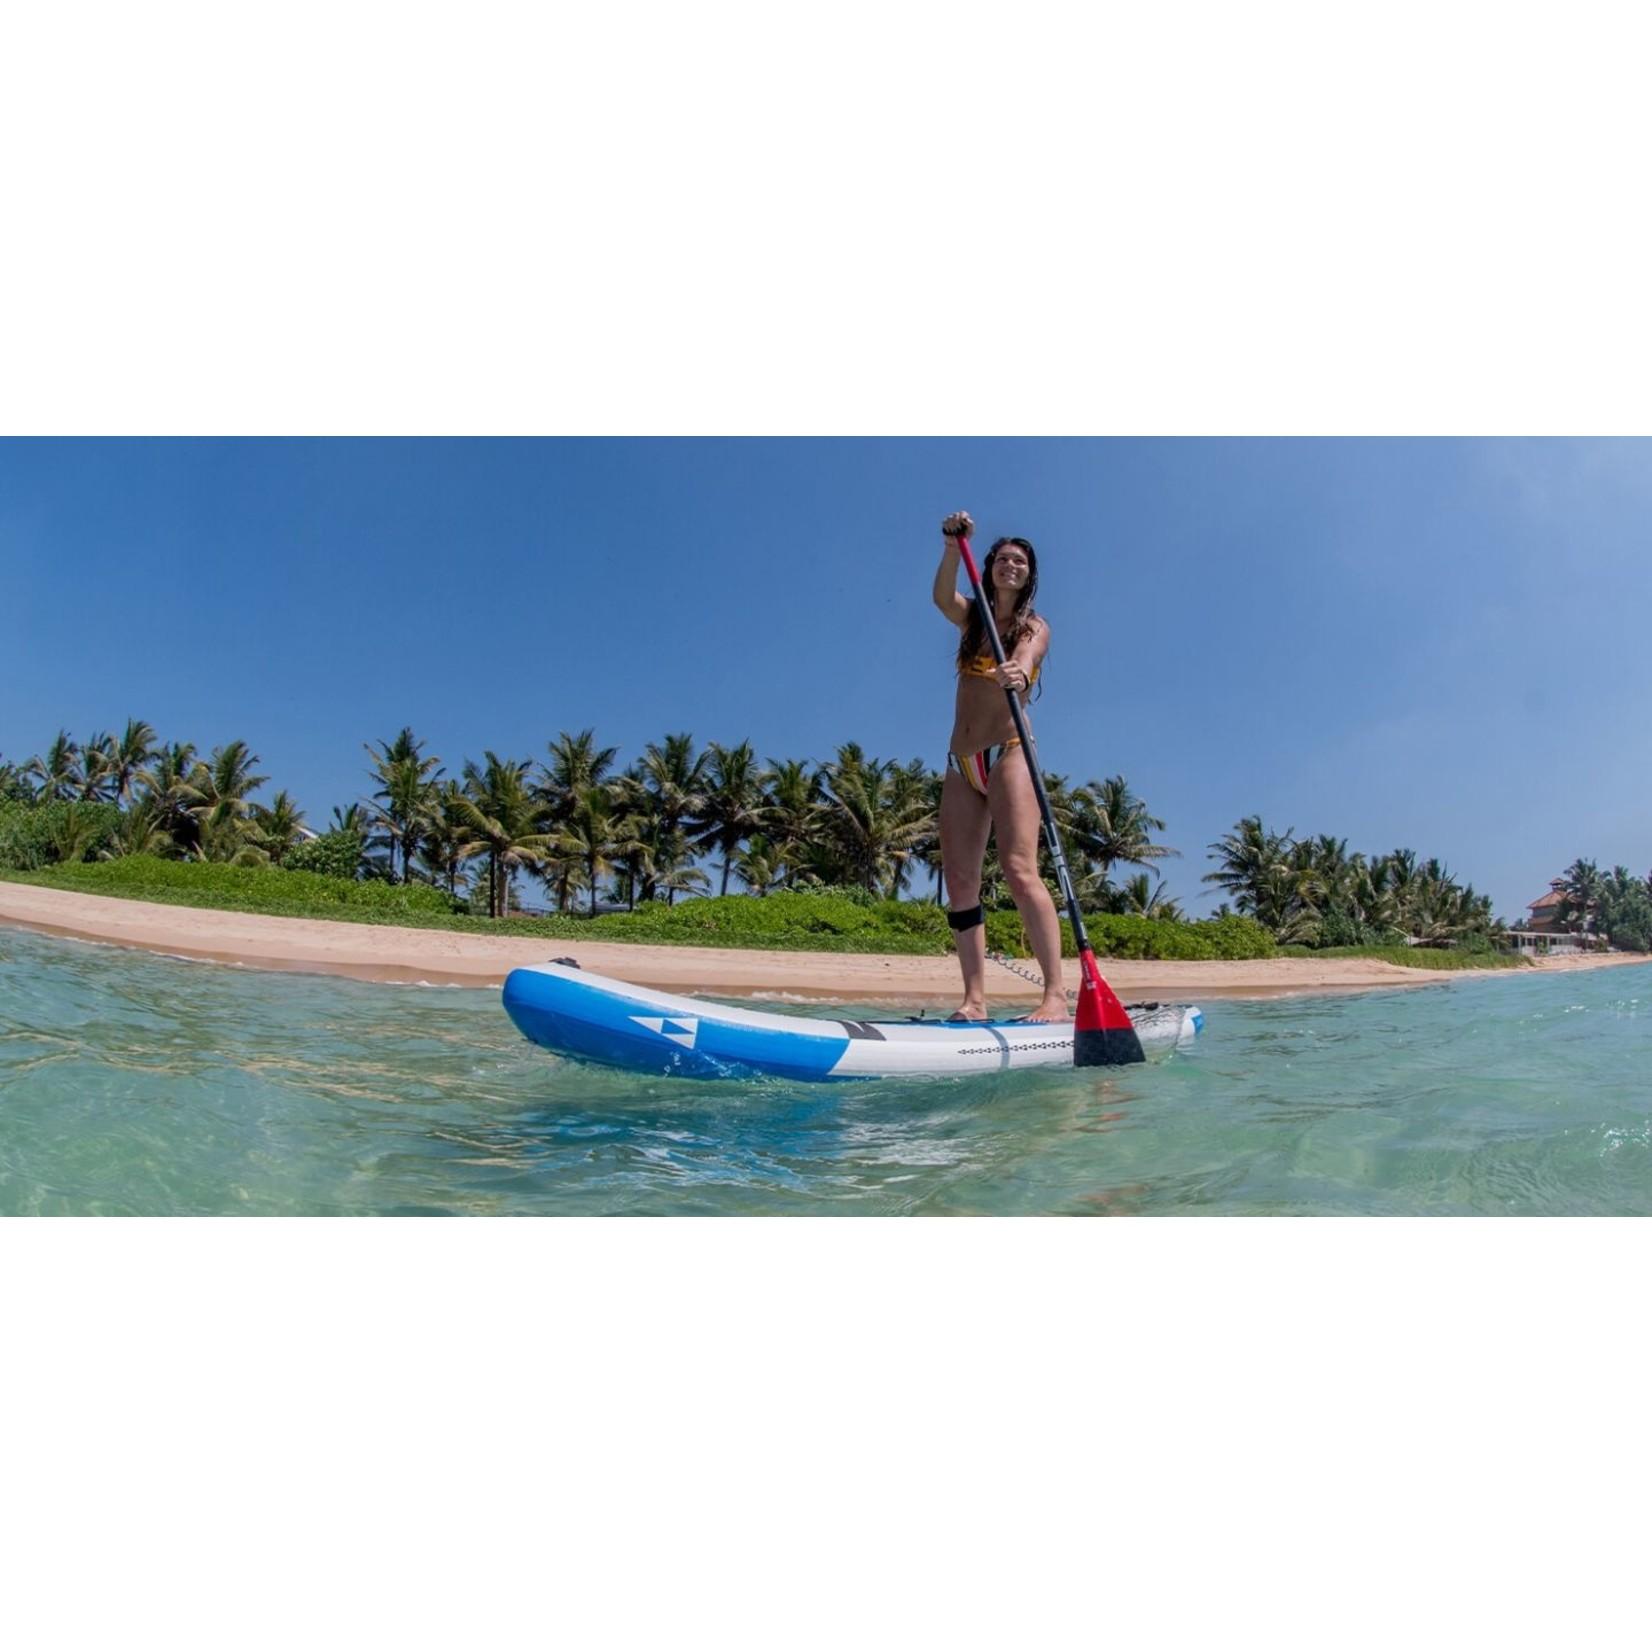 Sic Maui Sic Tao Air Glide Tour 11'0'' X 32.0'